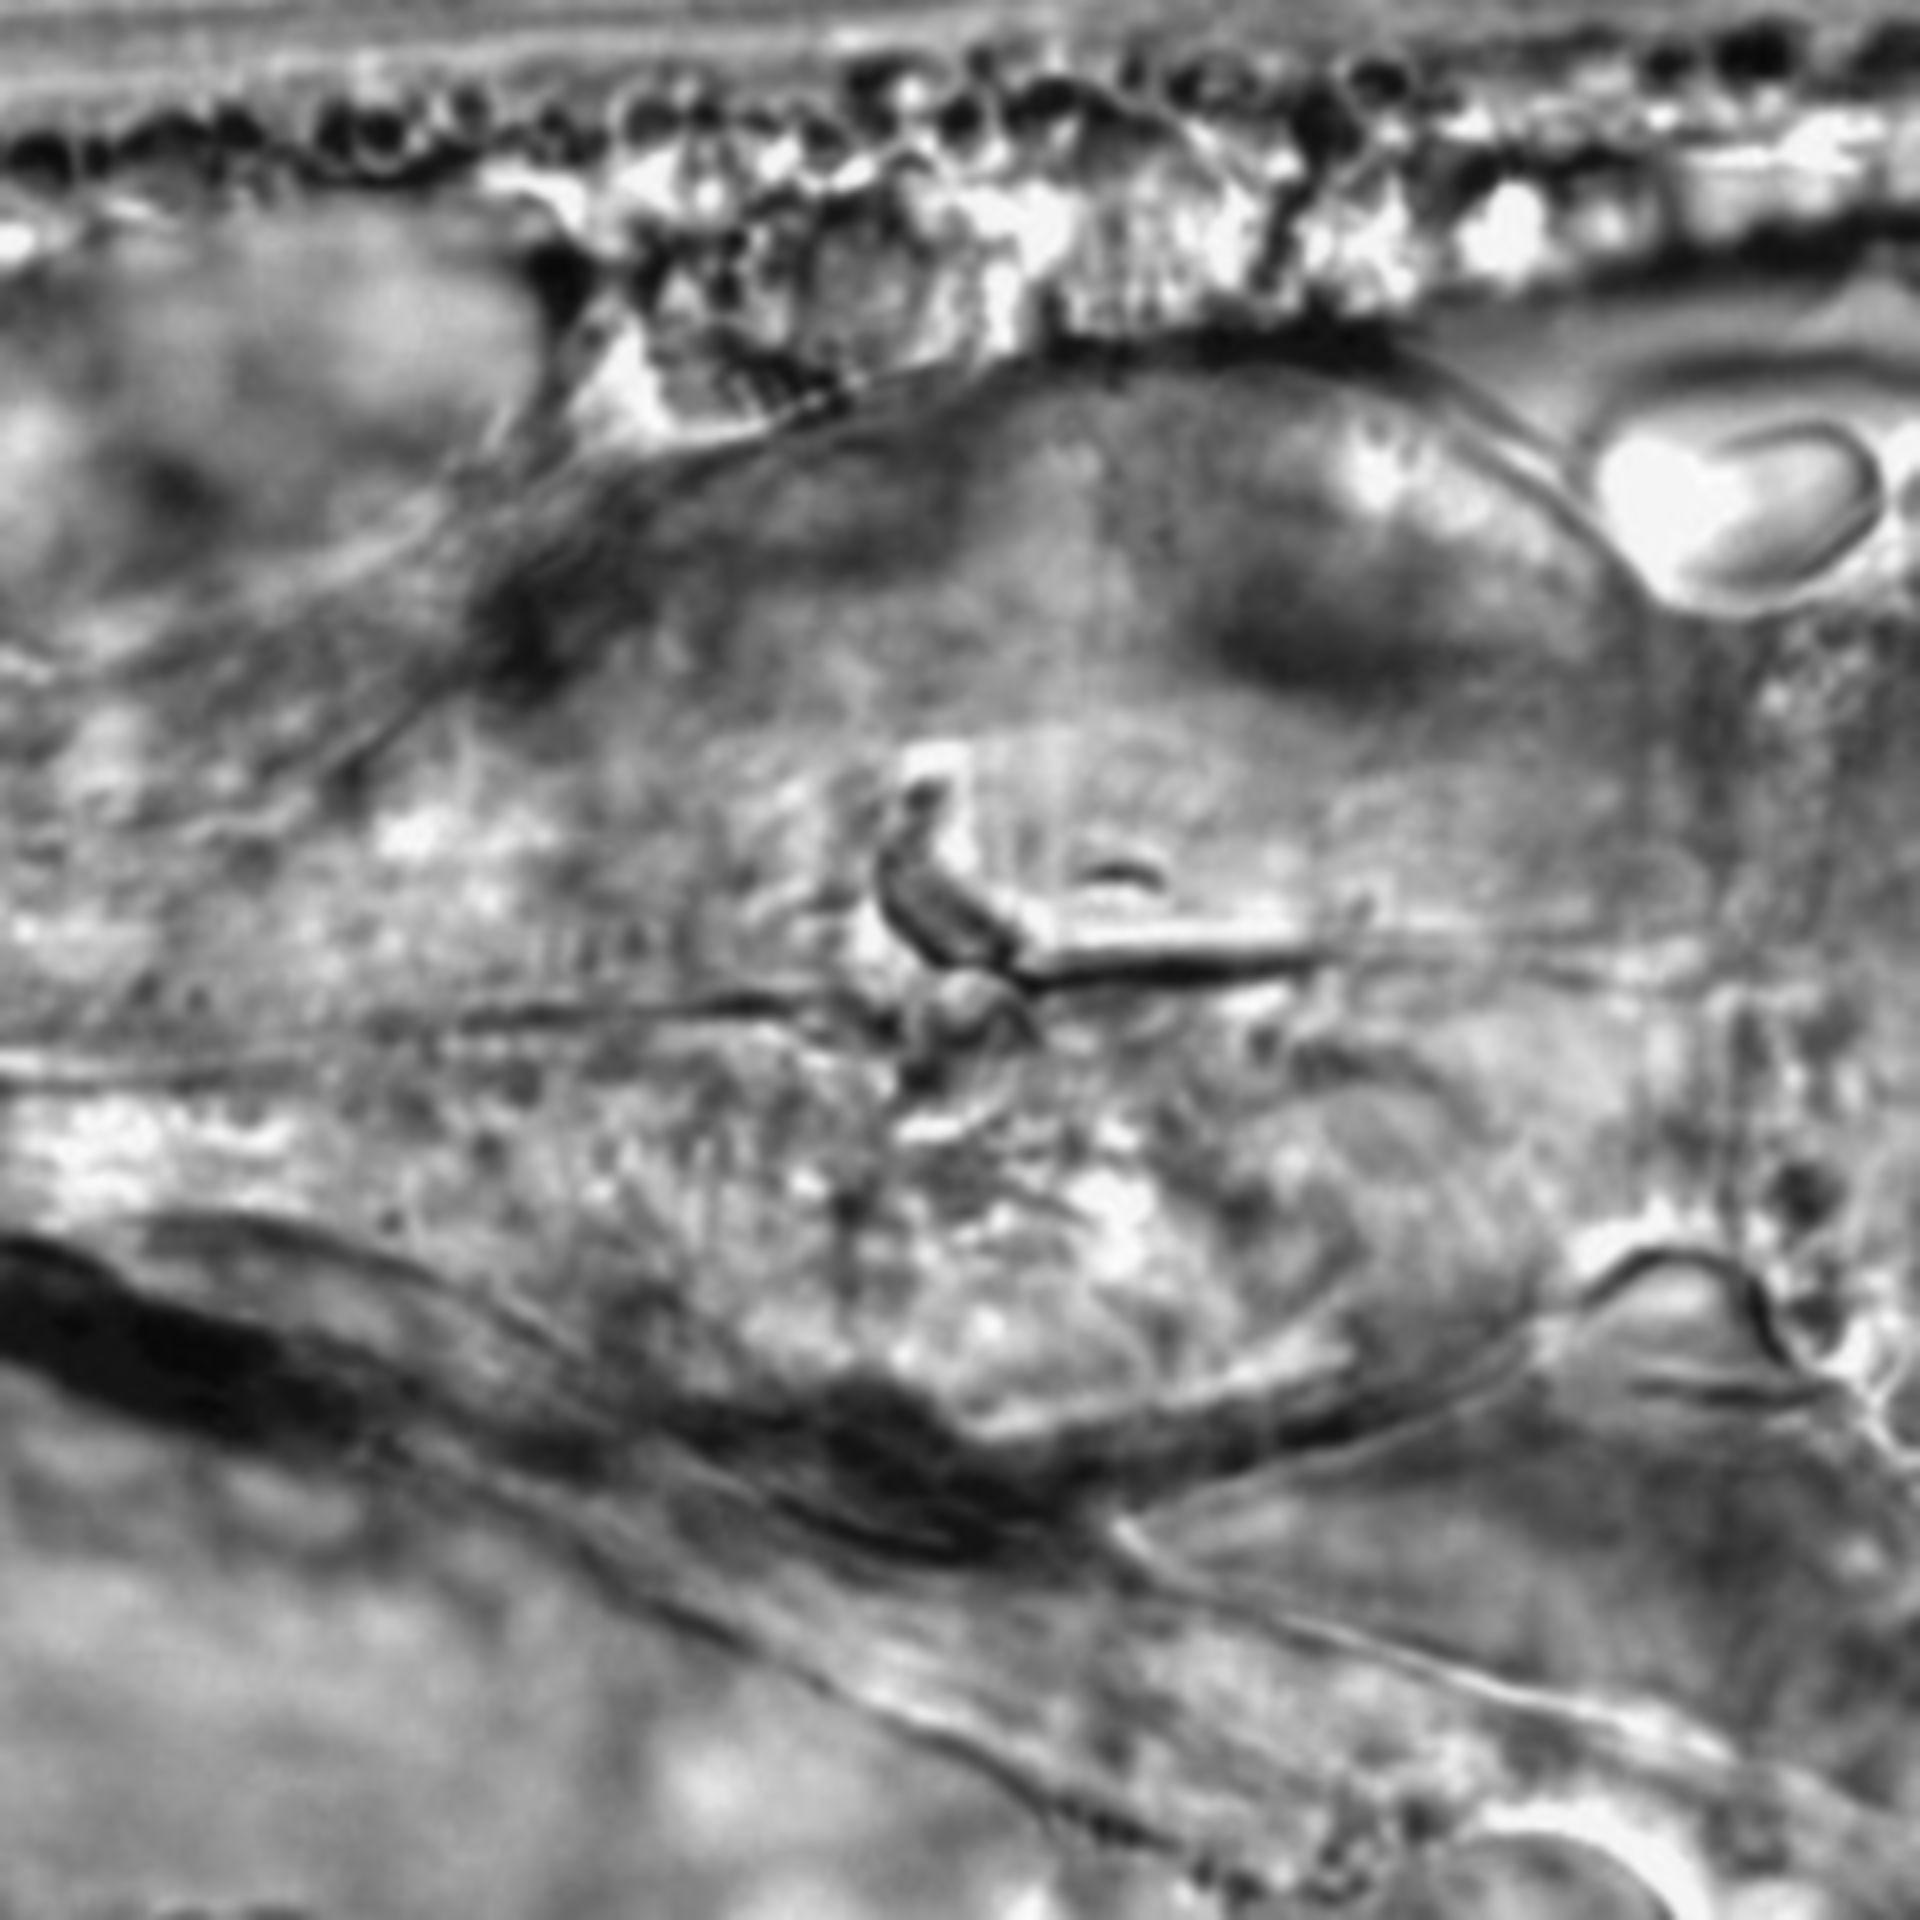 Caenorhabditis elegans - CIL:1792